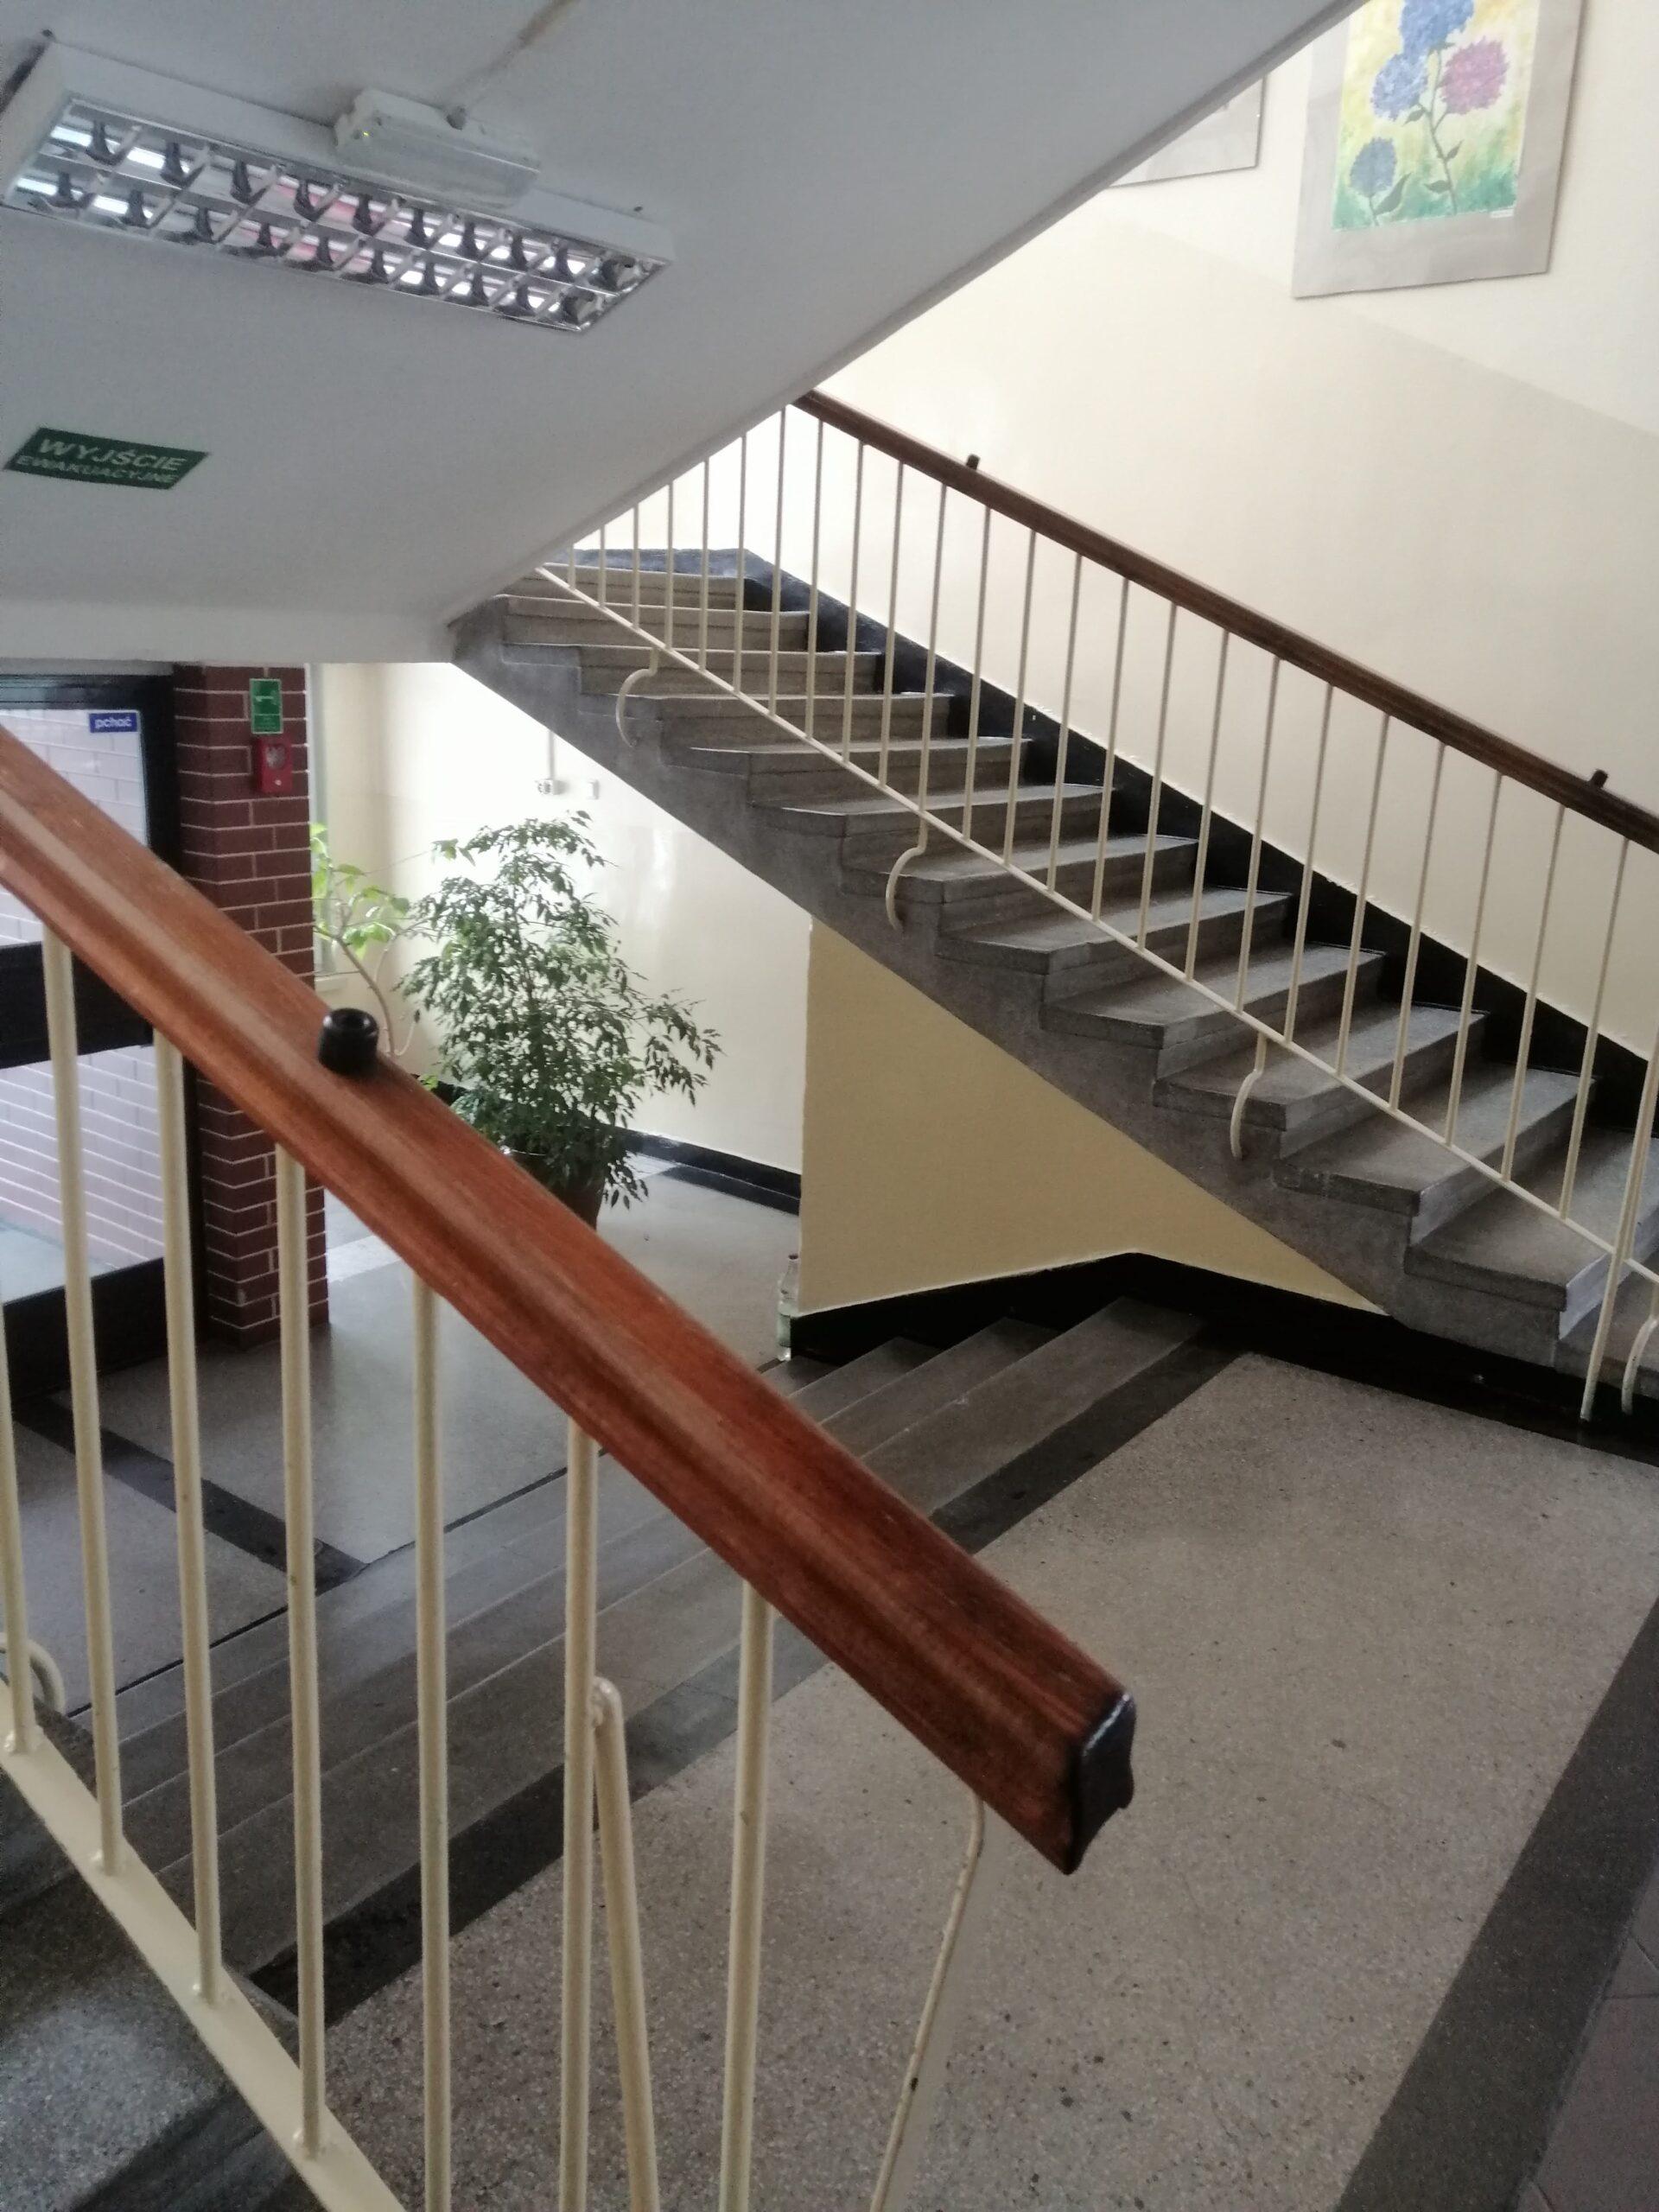 schody wewnątrz szkoły